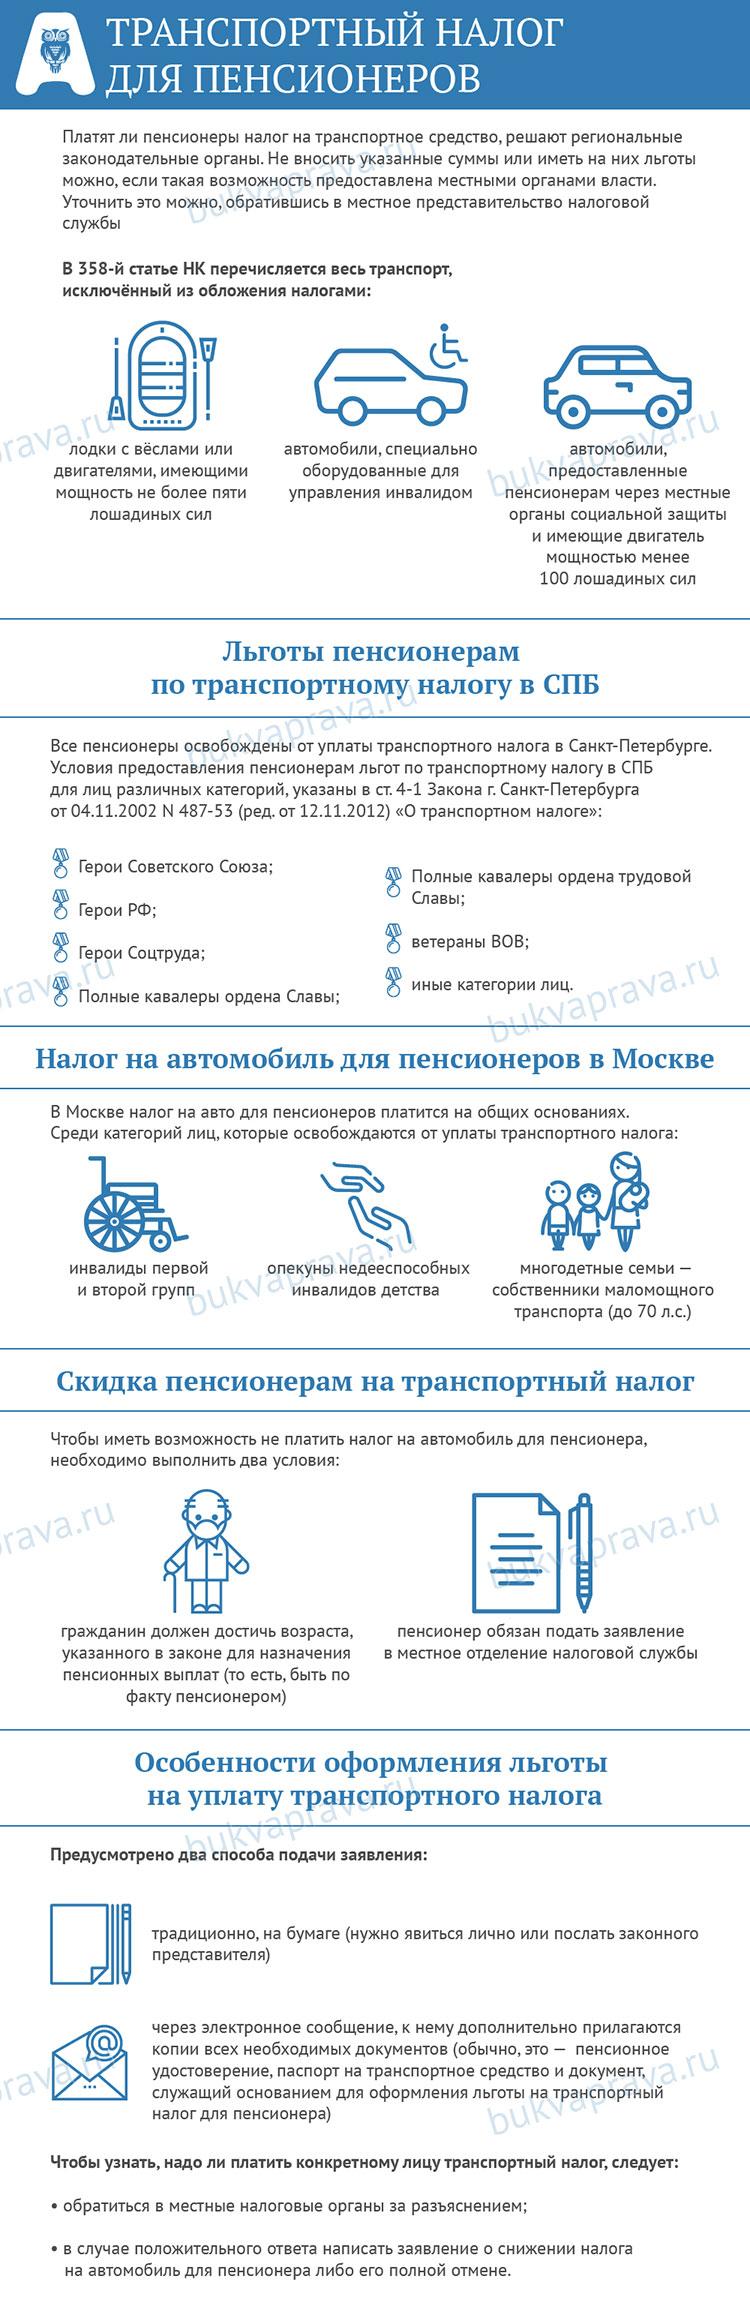 Транспортный налог 2010 ставки по оренбургской области букмекерская контора фон лайф ставки